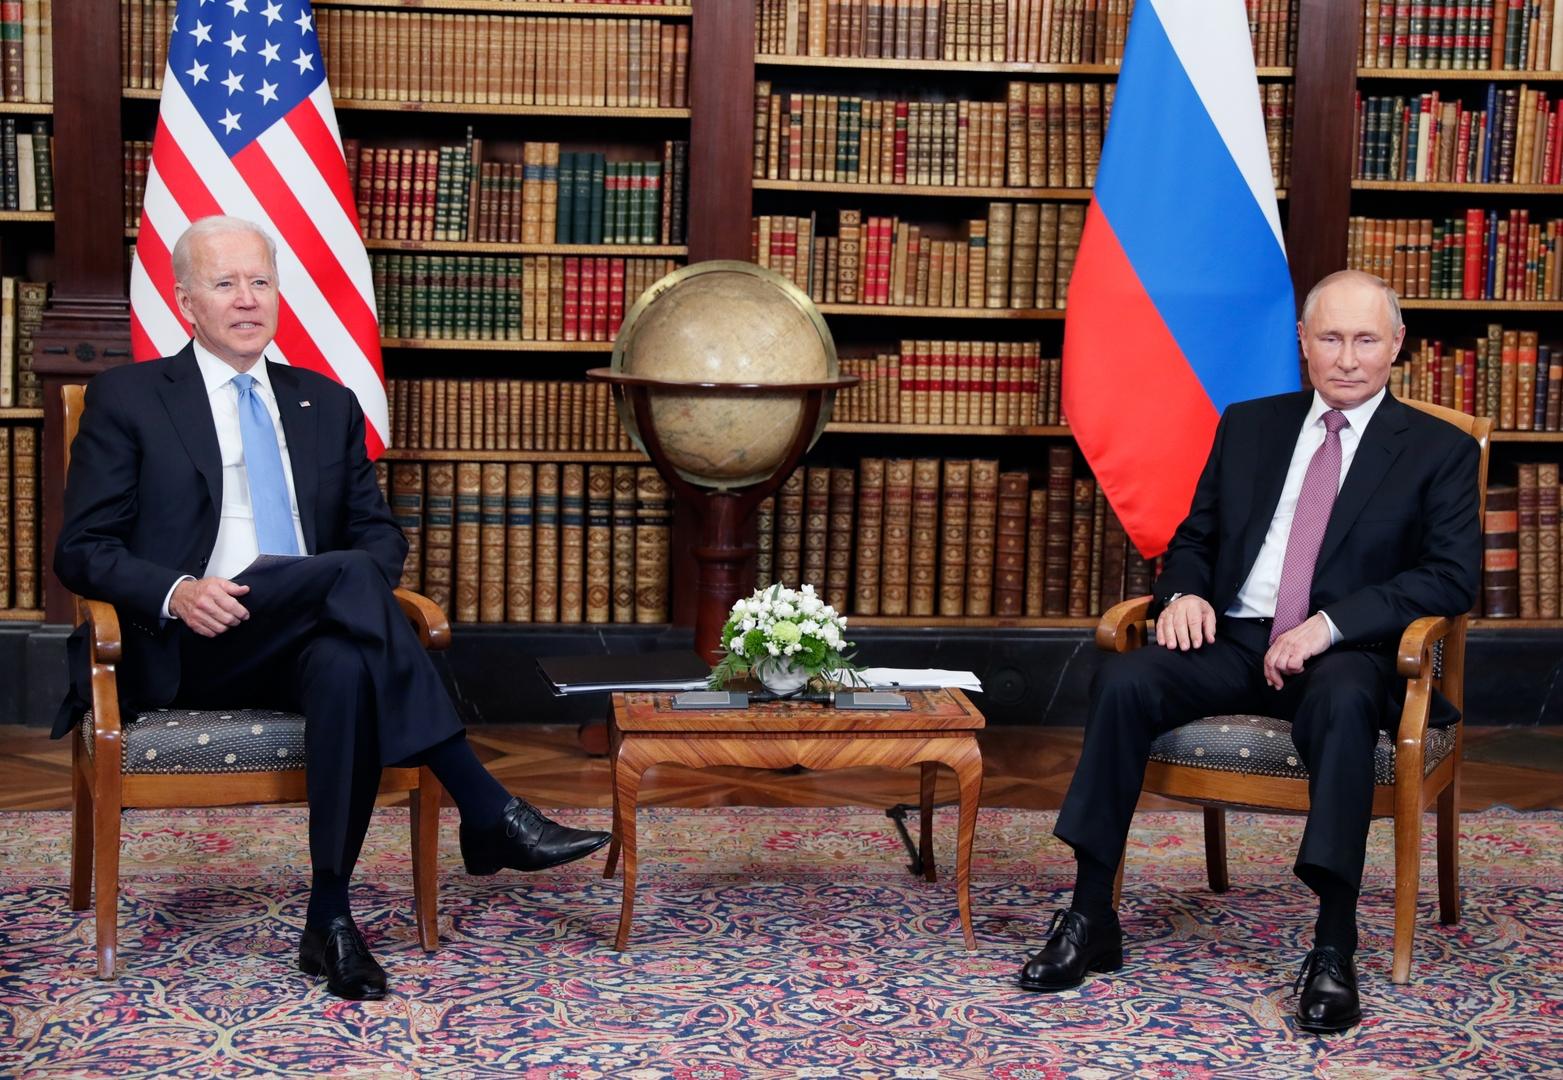 الروبل الروسي يصعد في ظل قمة بوتين - بايدن